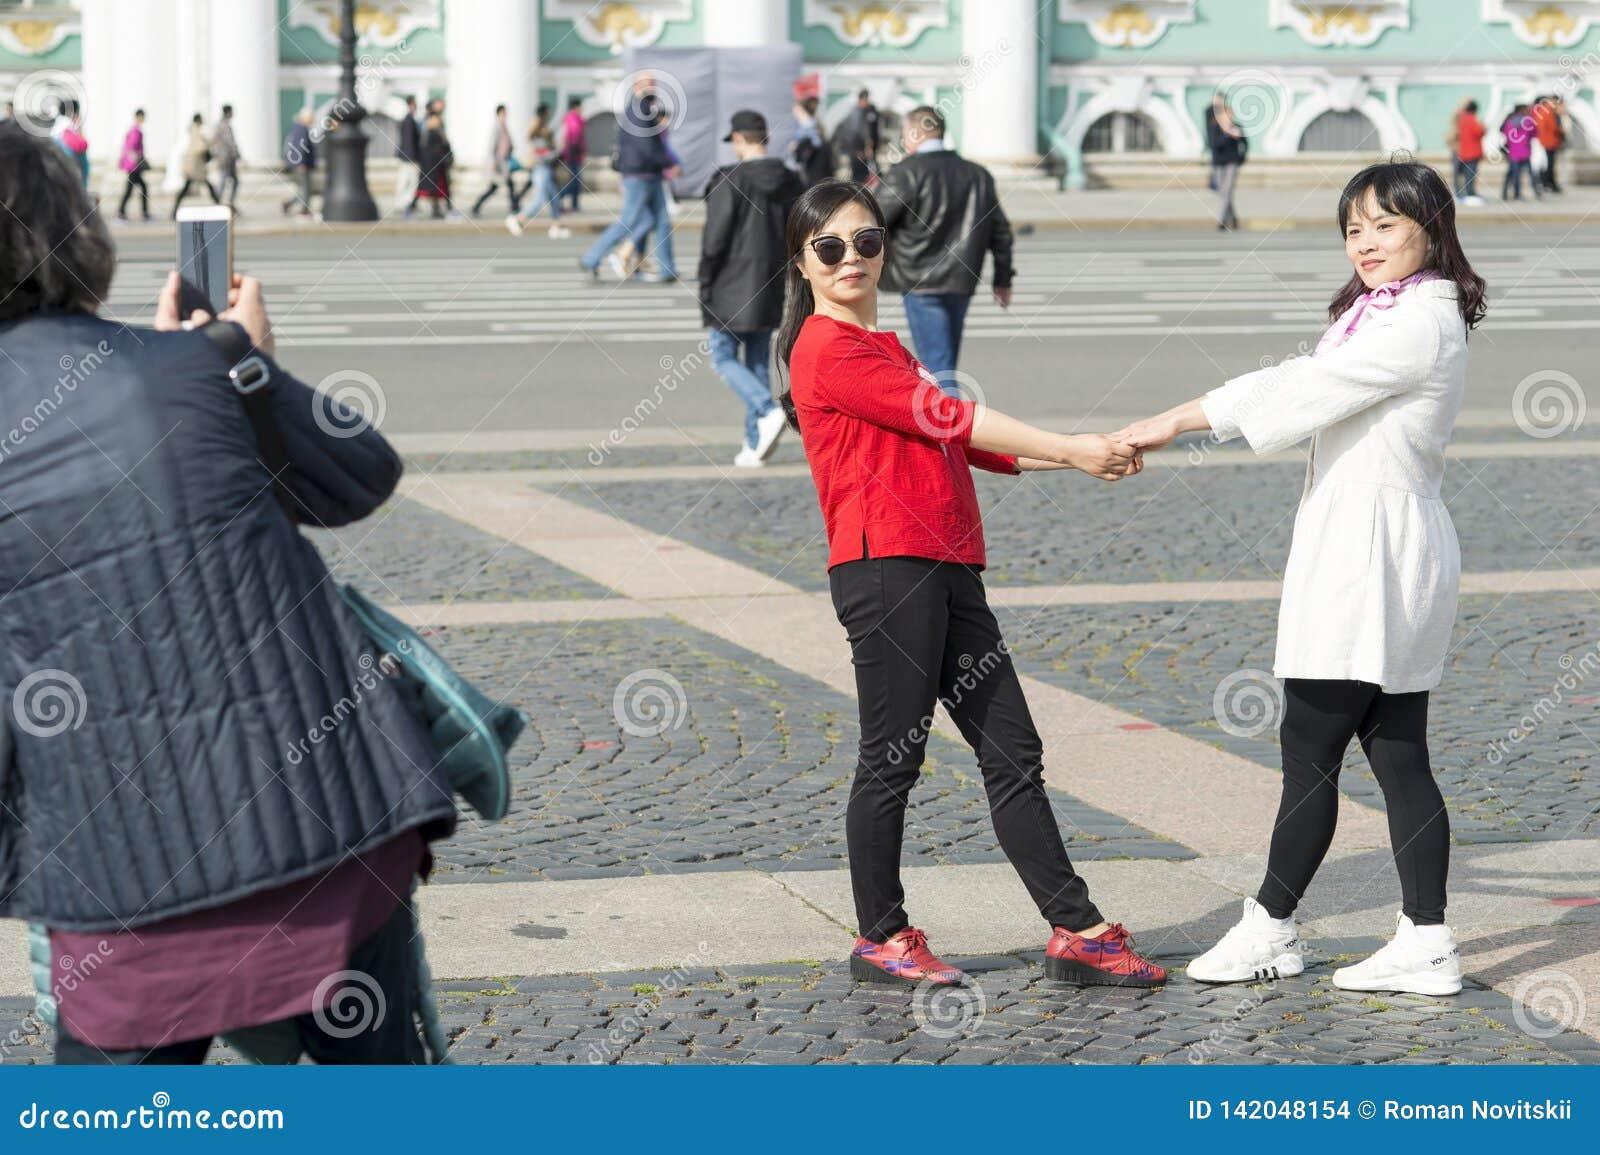 Junge Frauen des asiatischen Auftrittes werden auf Palastquadrat vor dem hintergrund der Einsiedlerei in St Petersburg fotografie